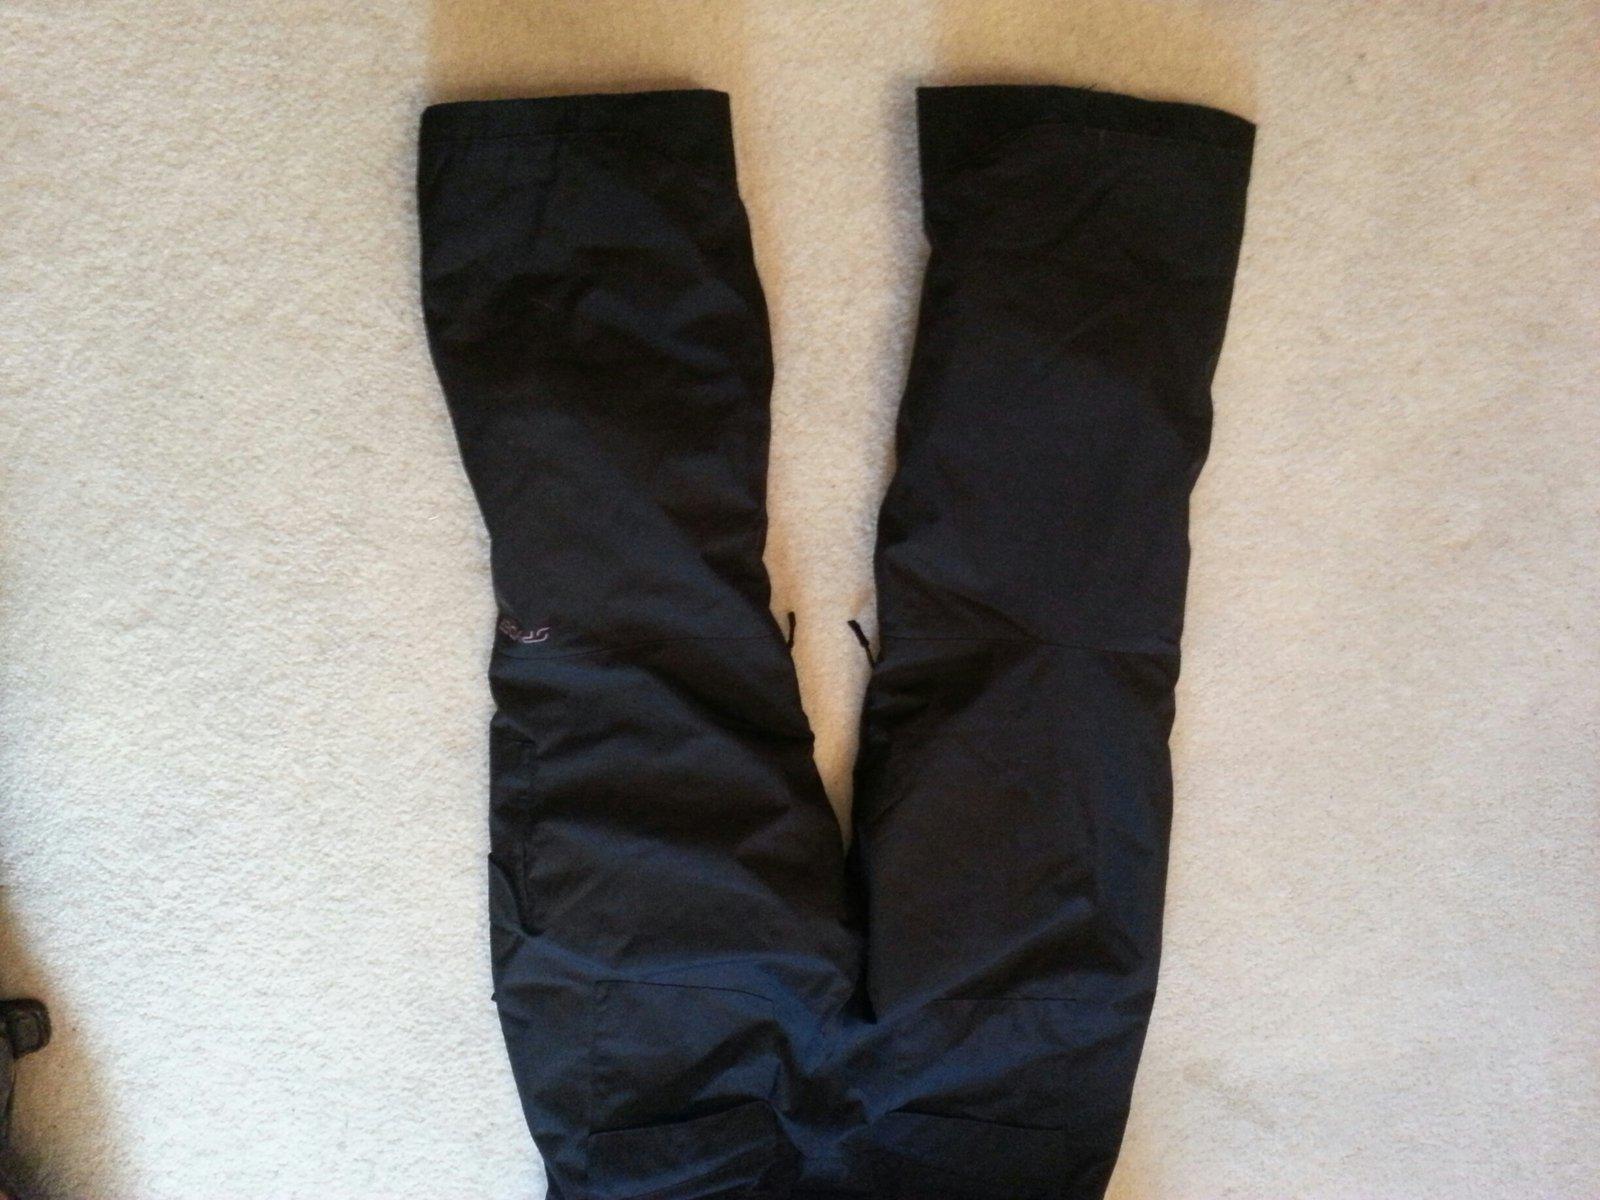 Spyder Pants back